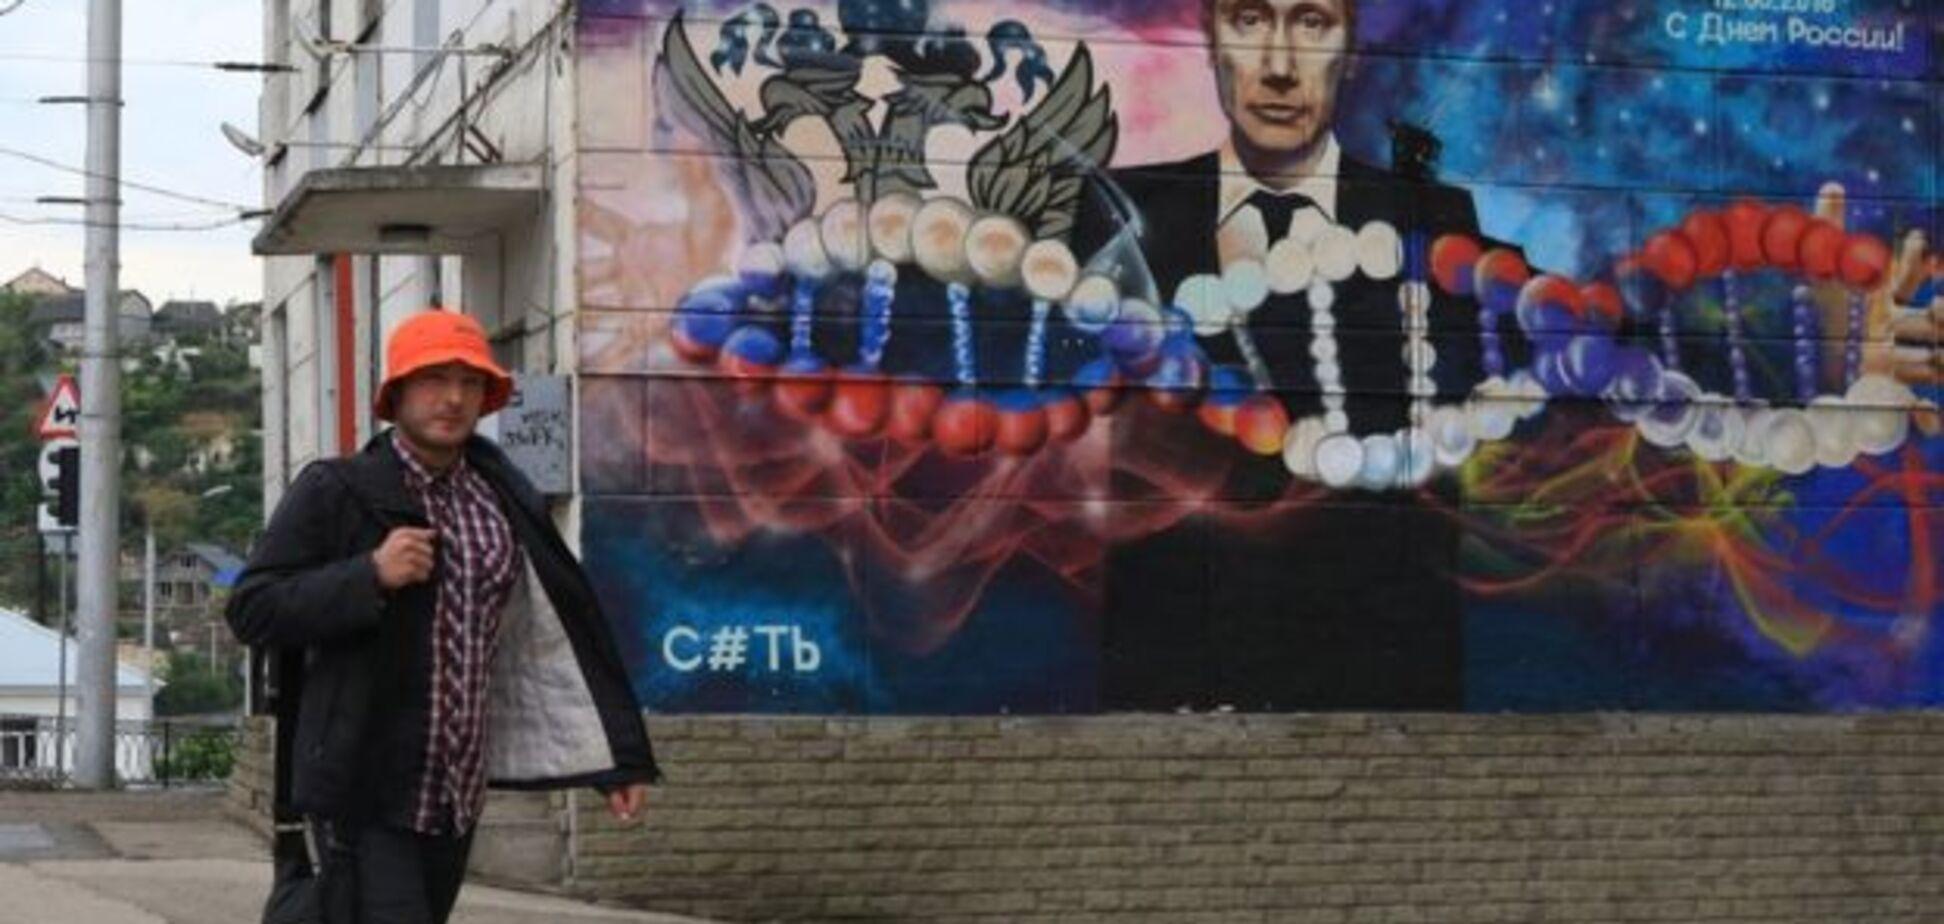 У России все меньше шансов избежать ответственности